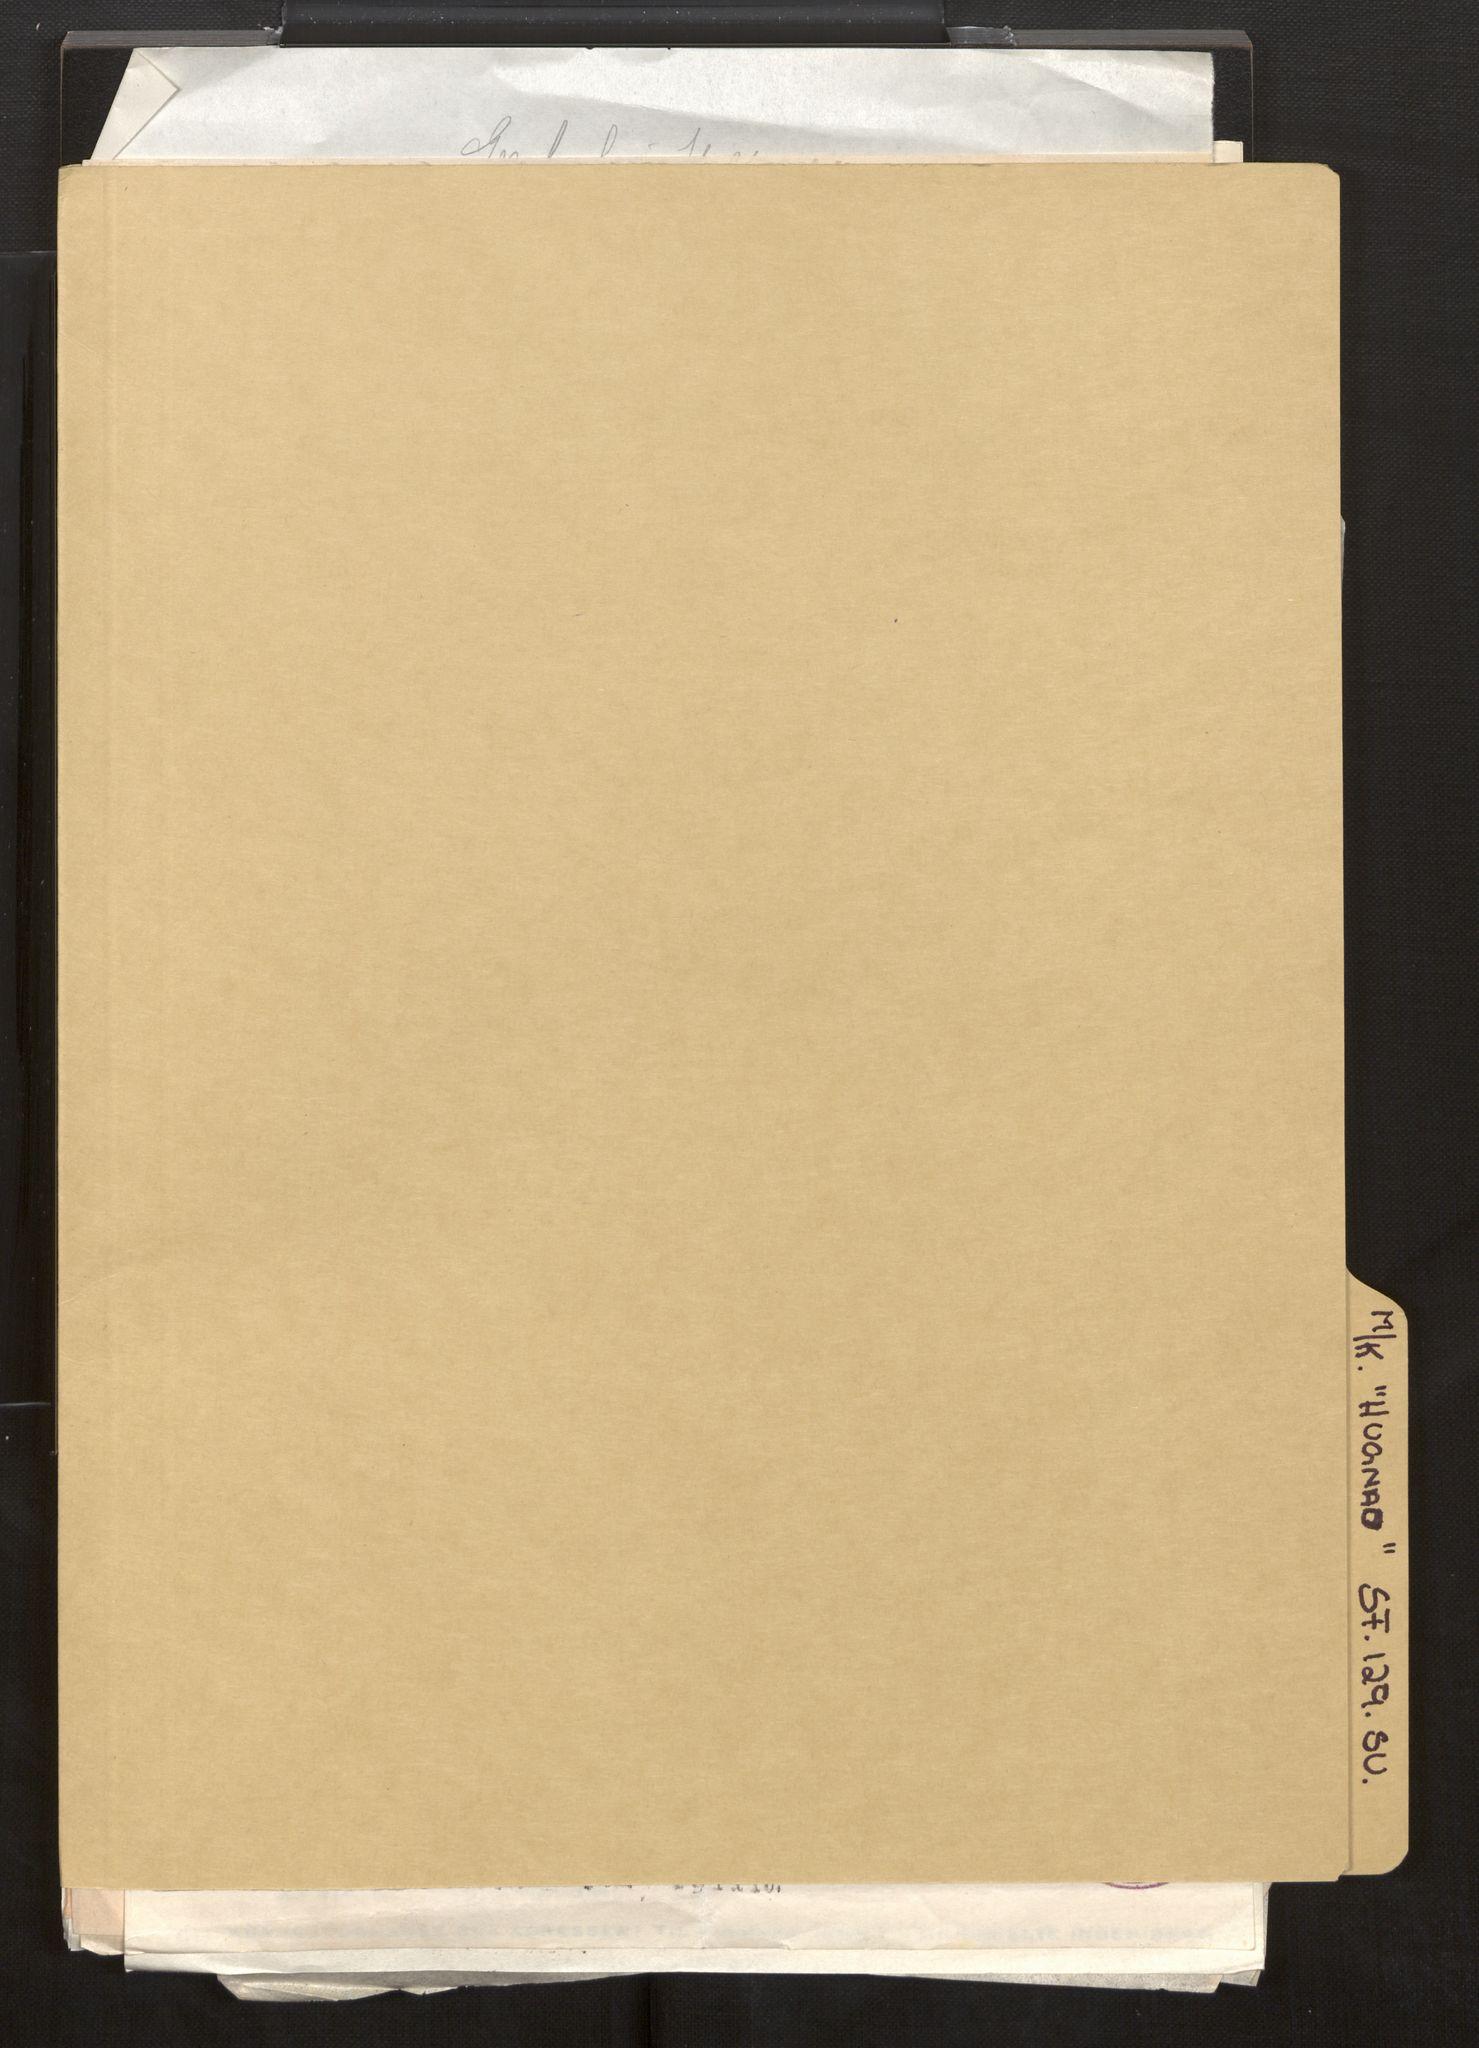 SAB, Fiskeridirektoratet - 1 Adm. ledelse - 13 Båtkontoret, La/L0042: Statens krigsforsikring for fiskeflåten, 1936-1971, p. 349